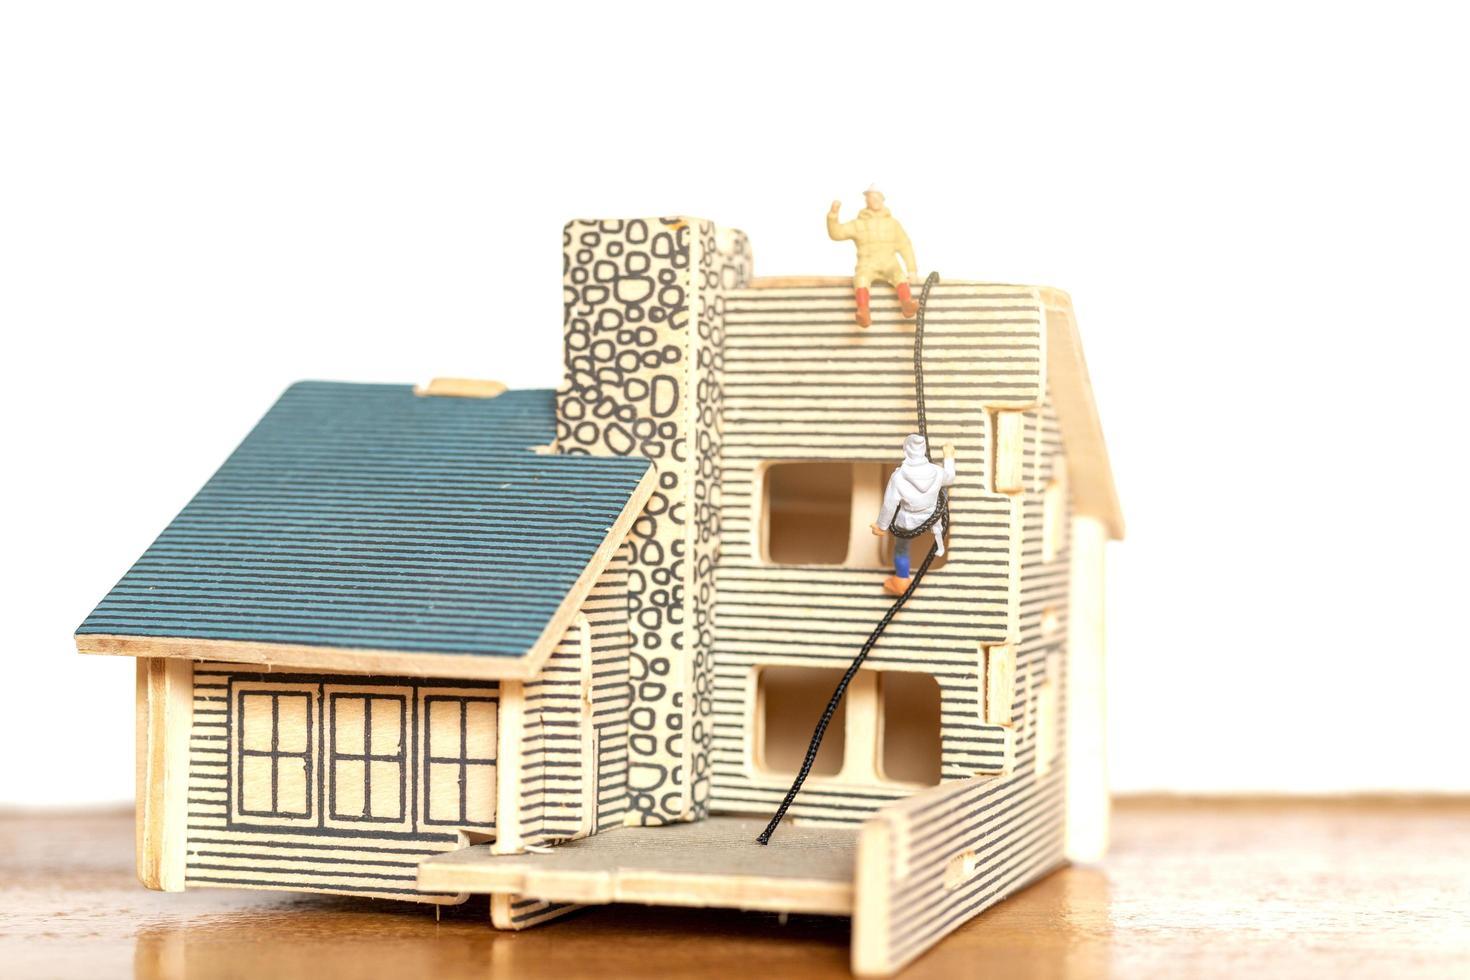 personnes miniatures restant à la maison faisant l'auto-quarantaine, concept de séjour photo